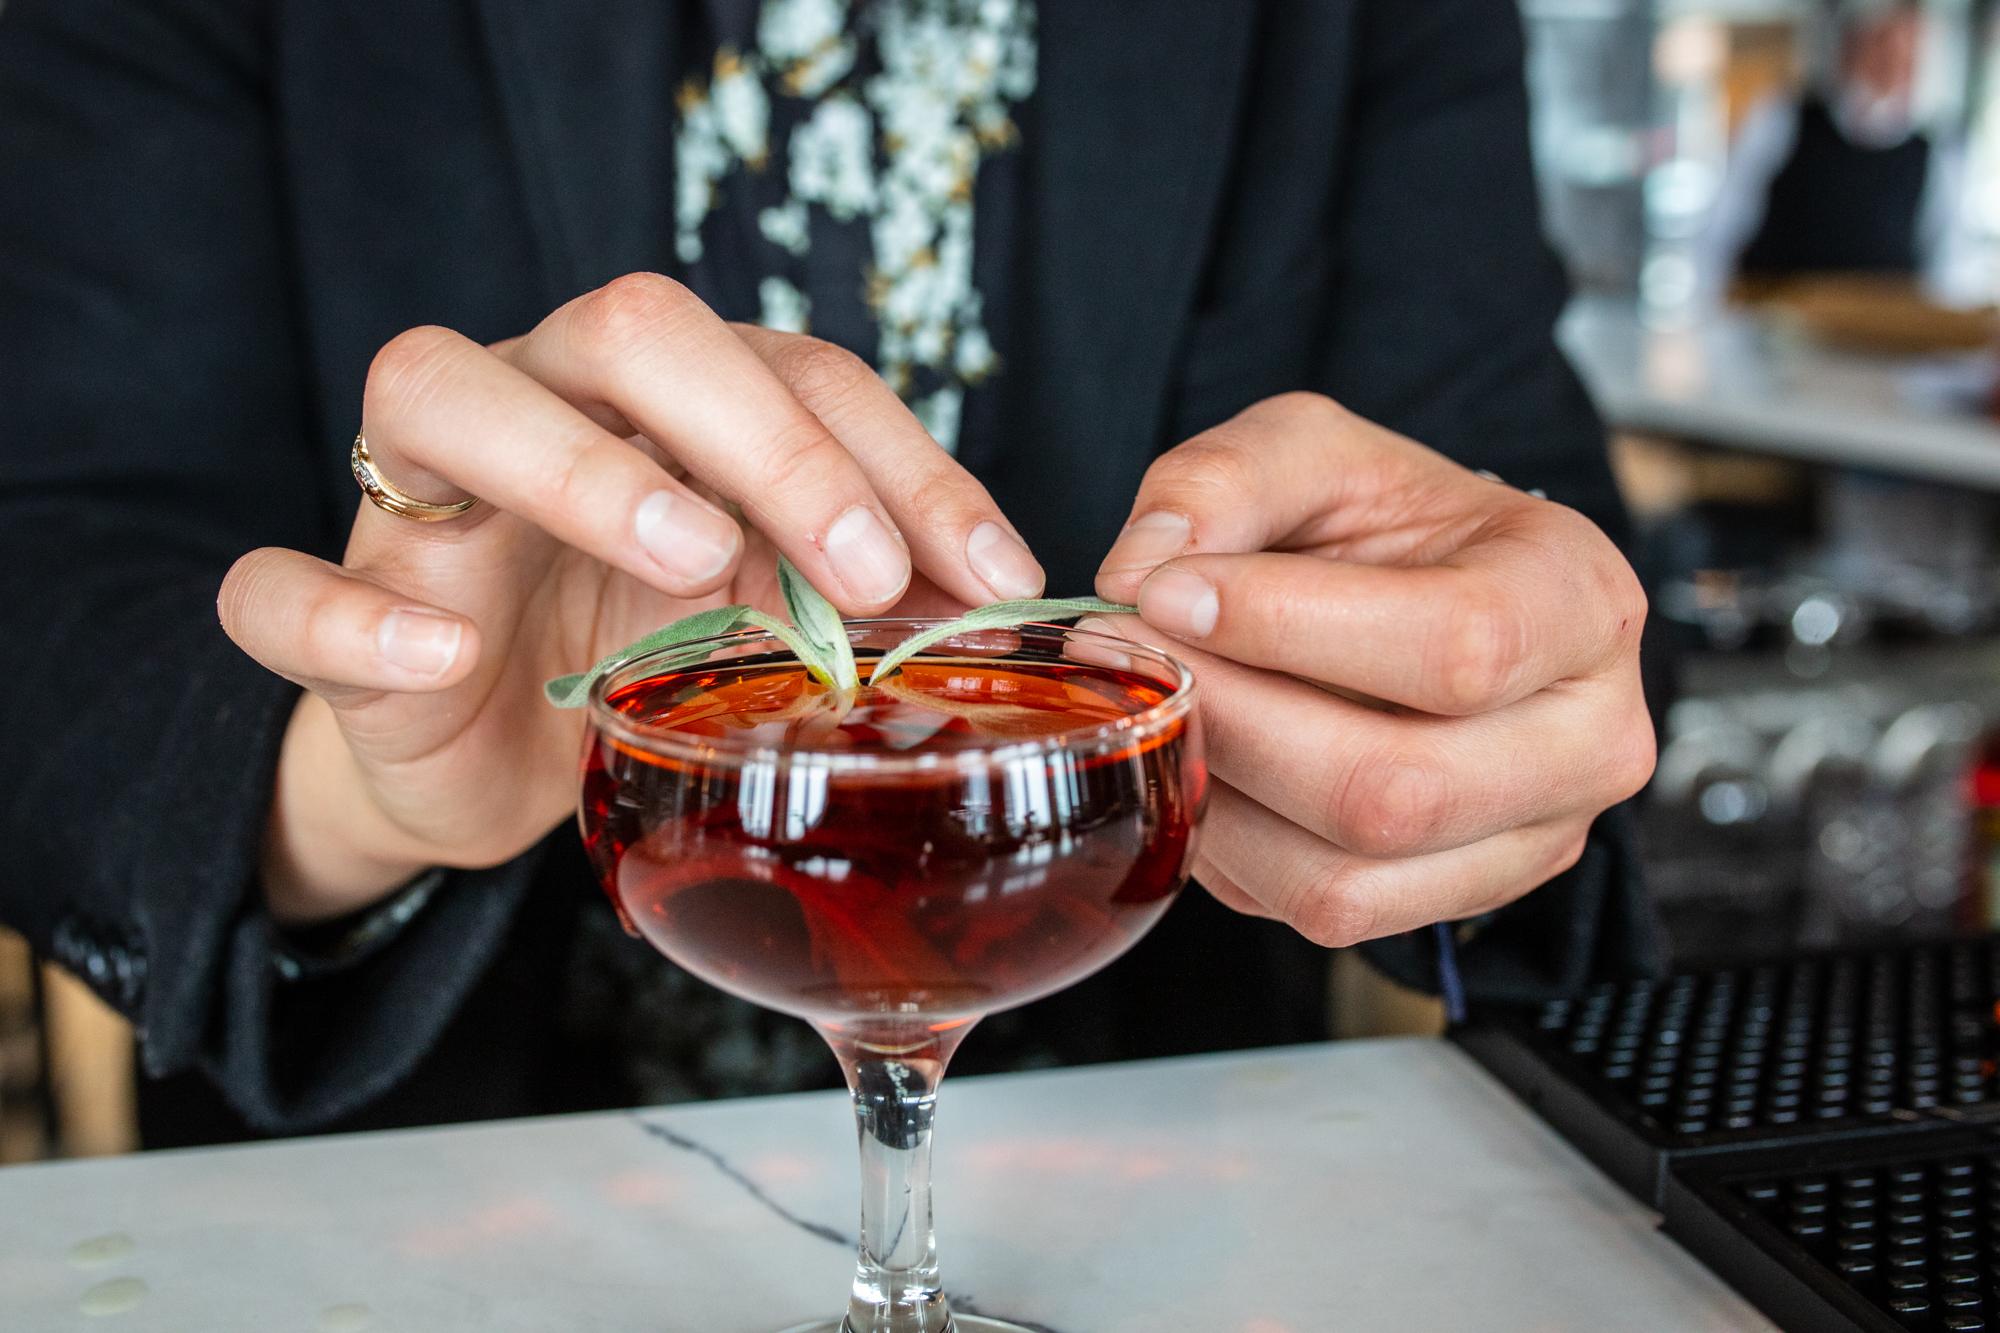 Garnishing Drink_credit Drew Katz.jpg